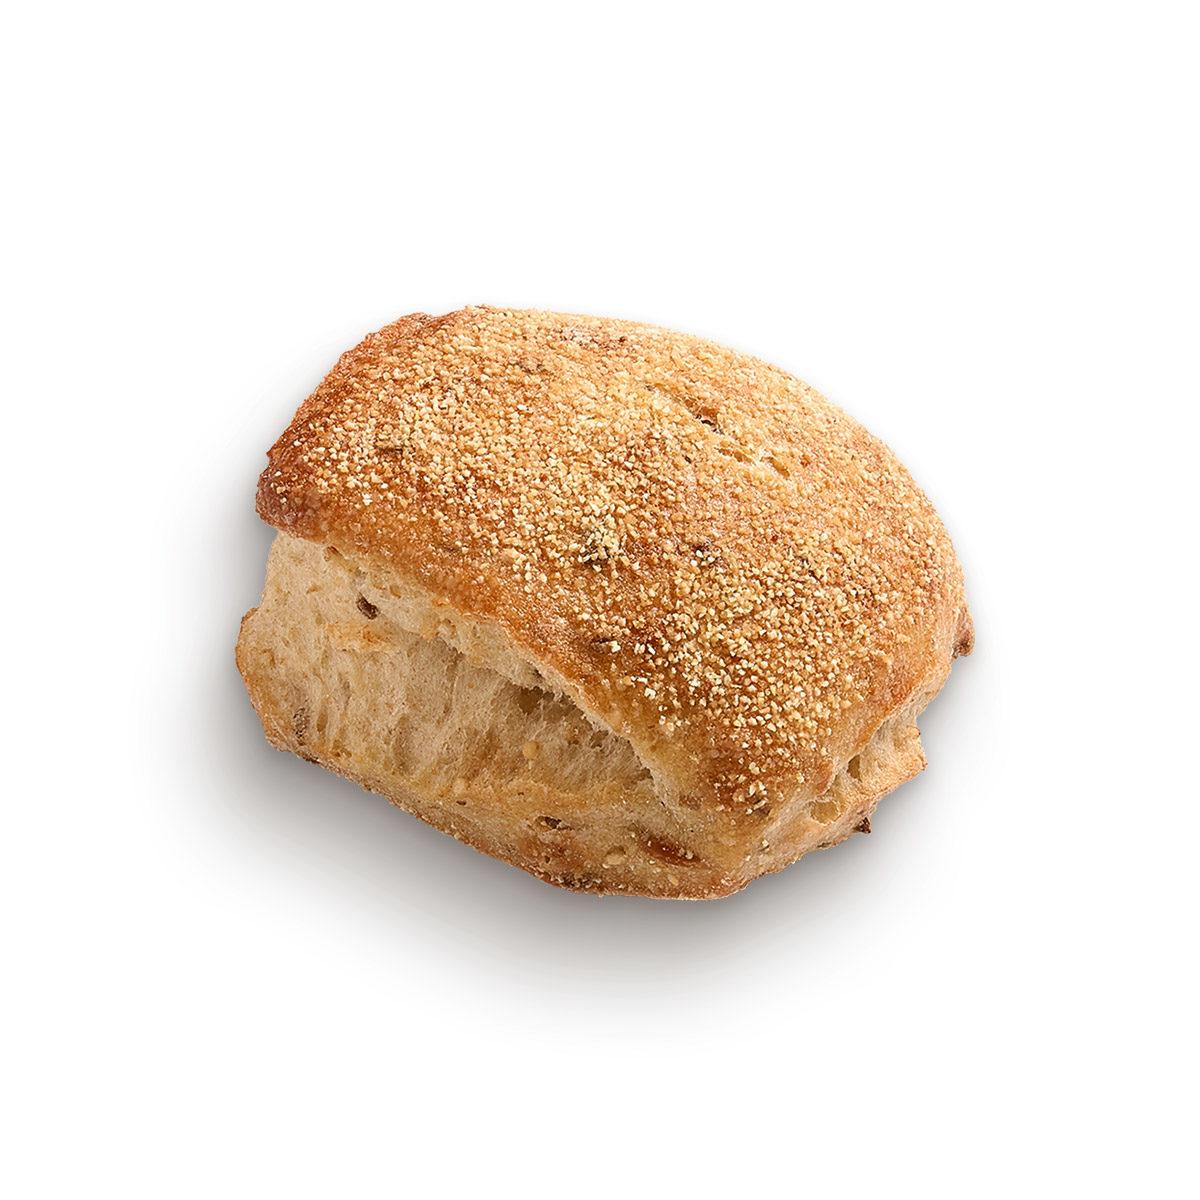 Quinoa square roll